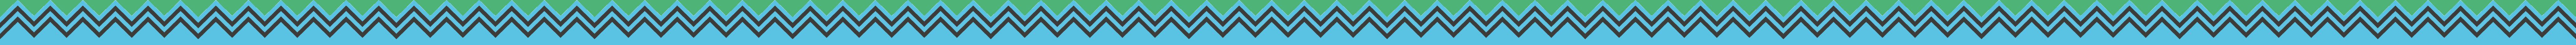 groen boven - blauw beneden